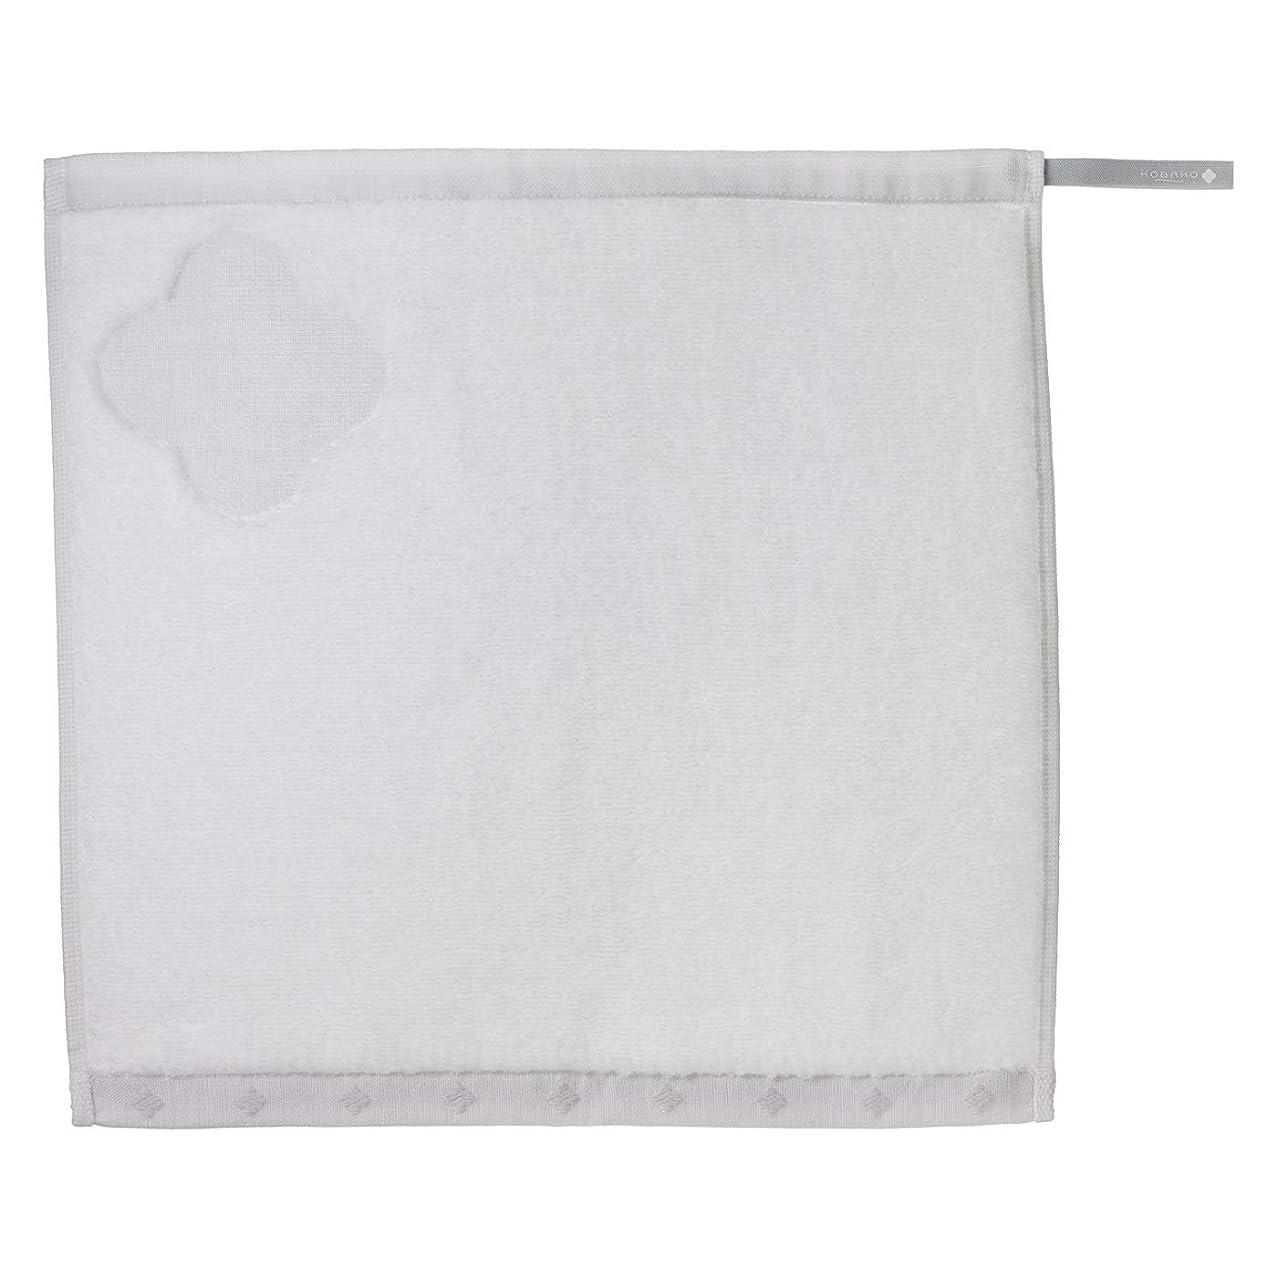 第二にオーロックカウンターパートKOBAKO(コバコ) スチーム洗顔タオル